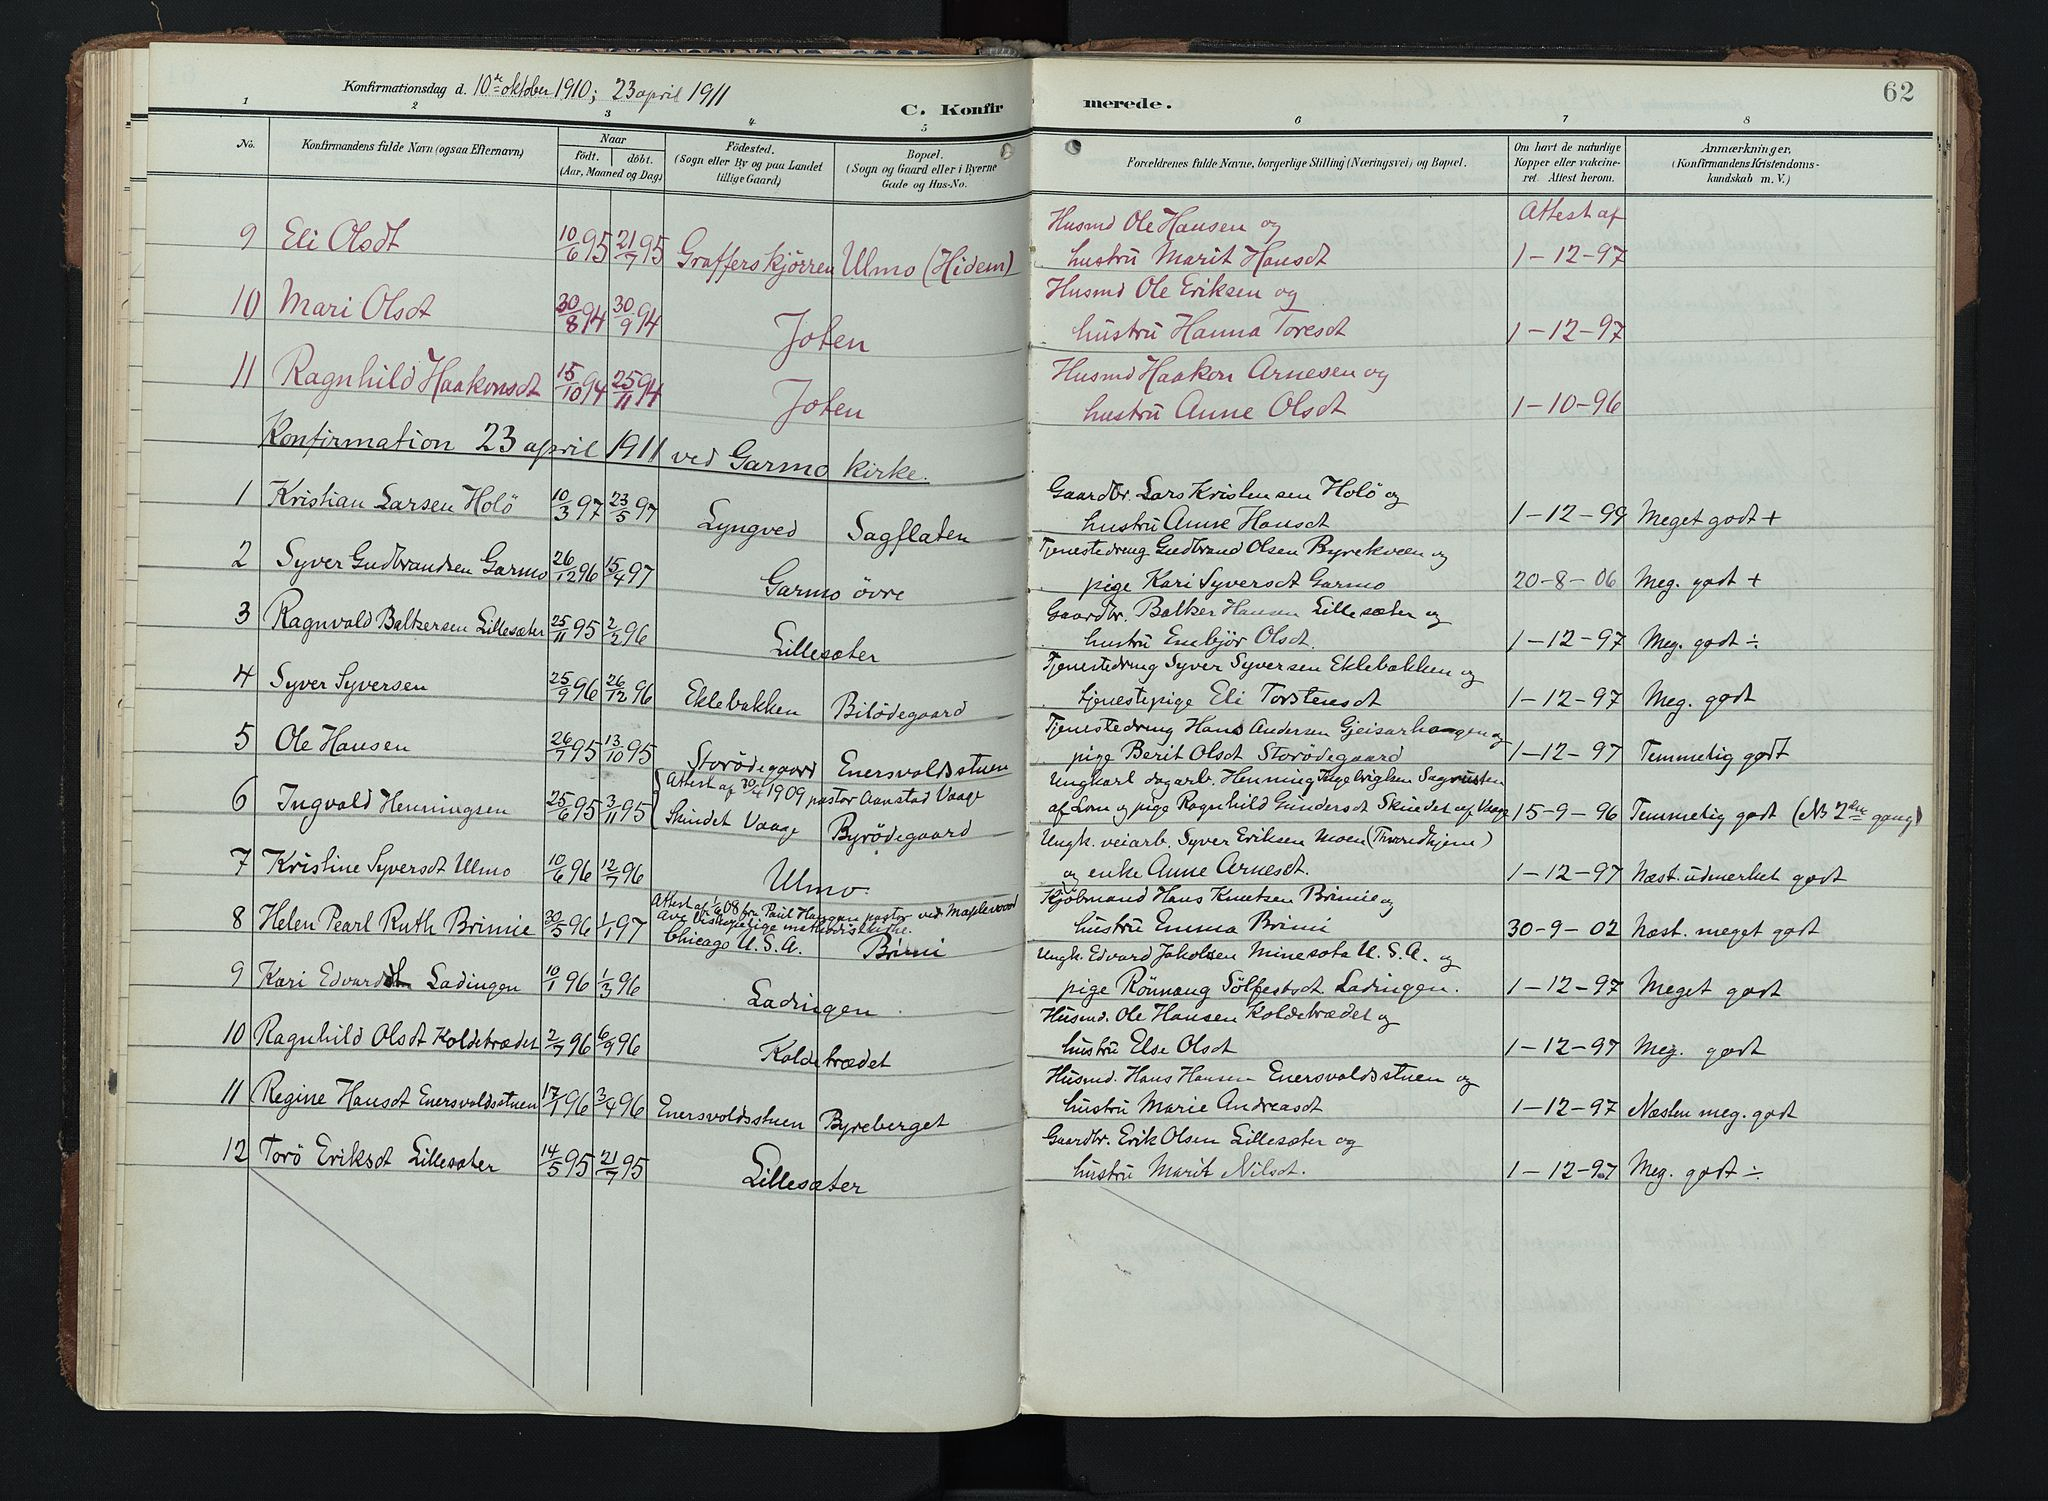 SAH, Lom prestekontor, K/L0011: Ministerialbok nr. 11, 1904-1928, s. 62